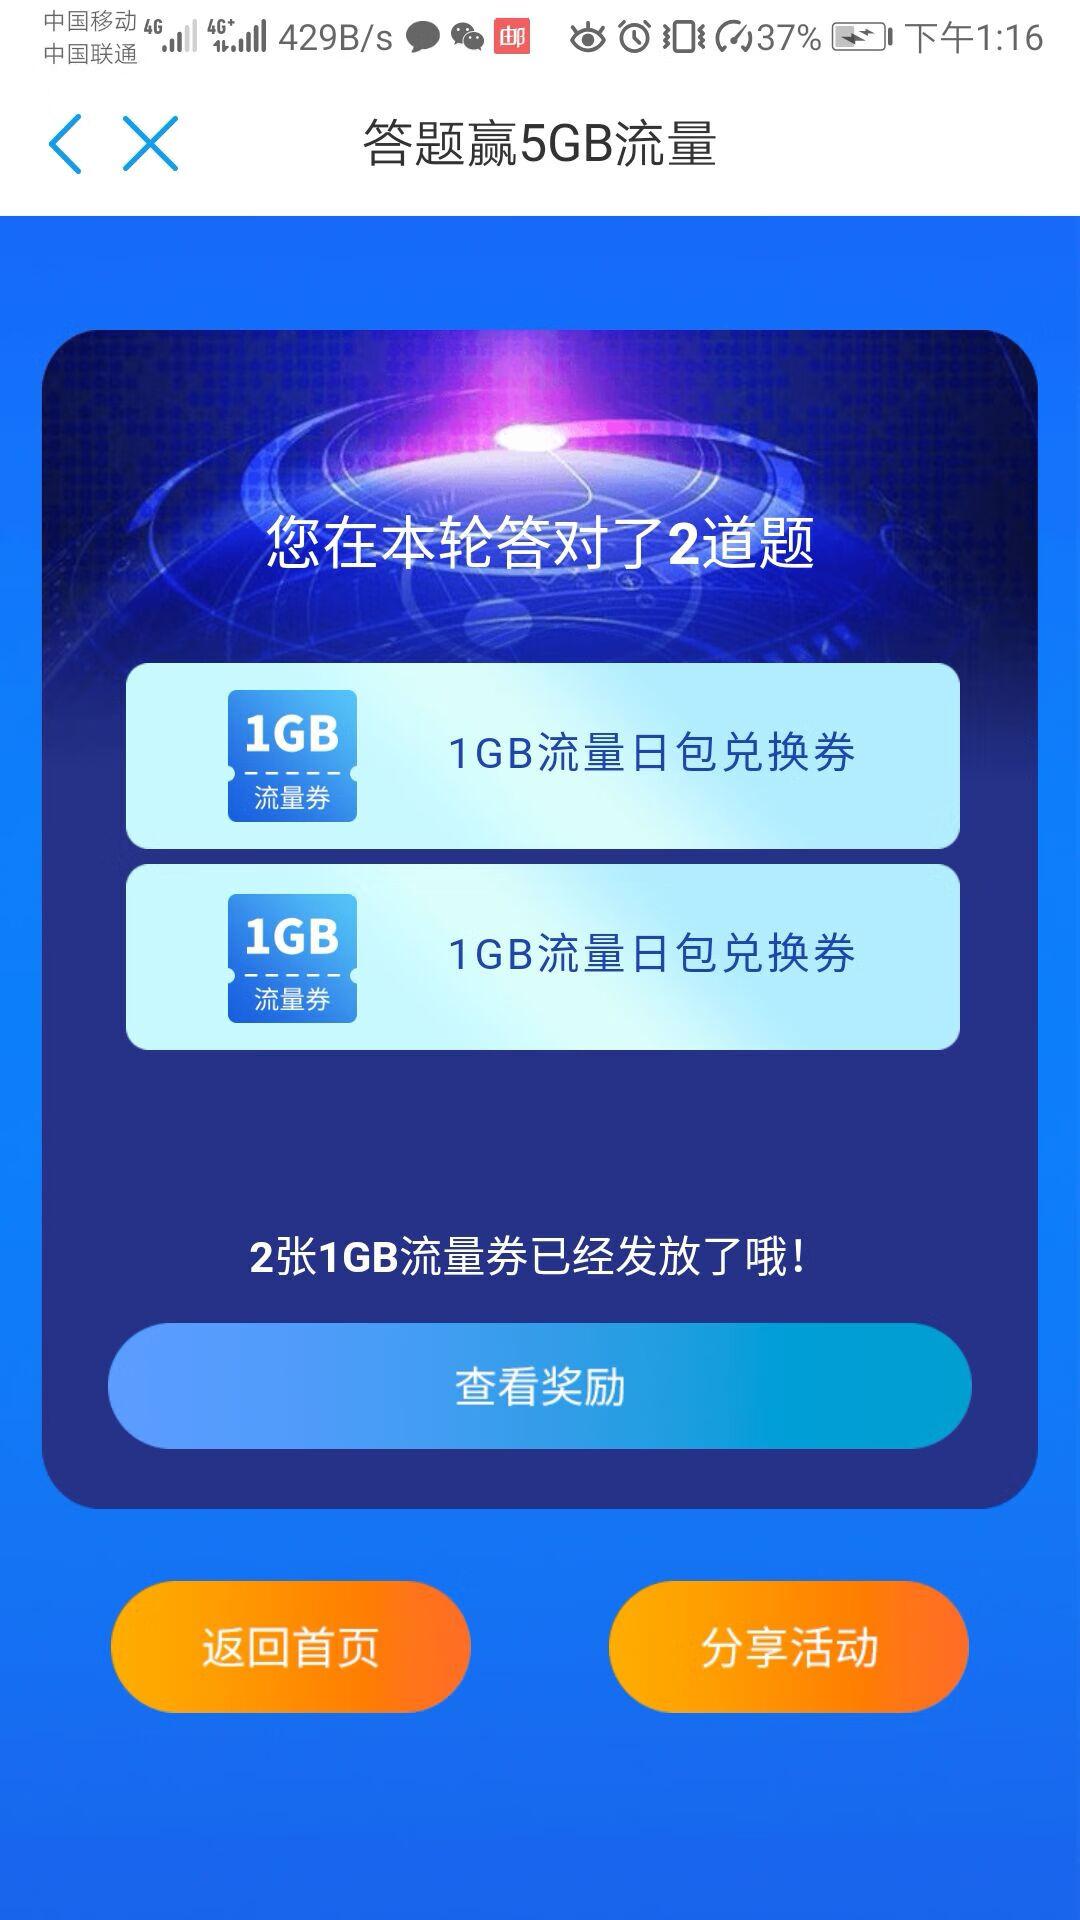 中国移动答题得5G的数据流量